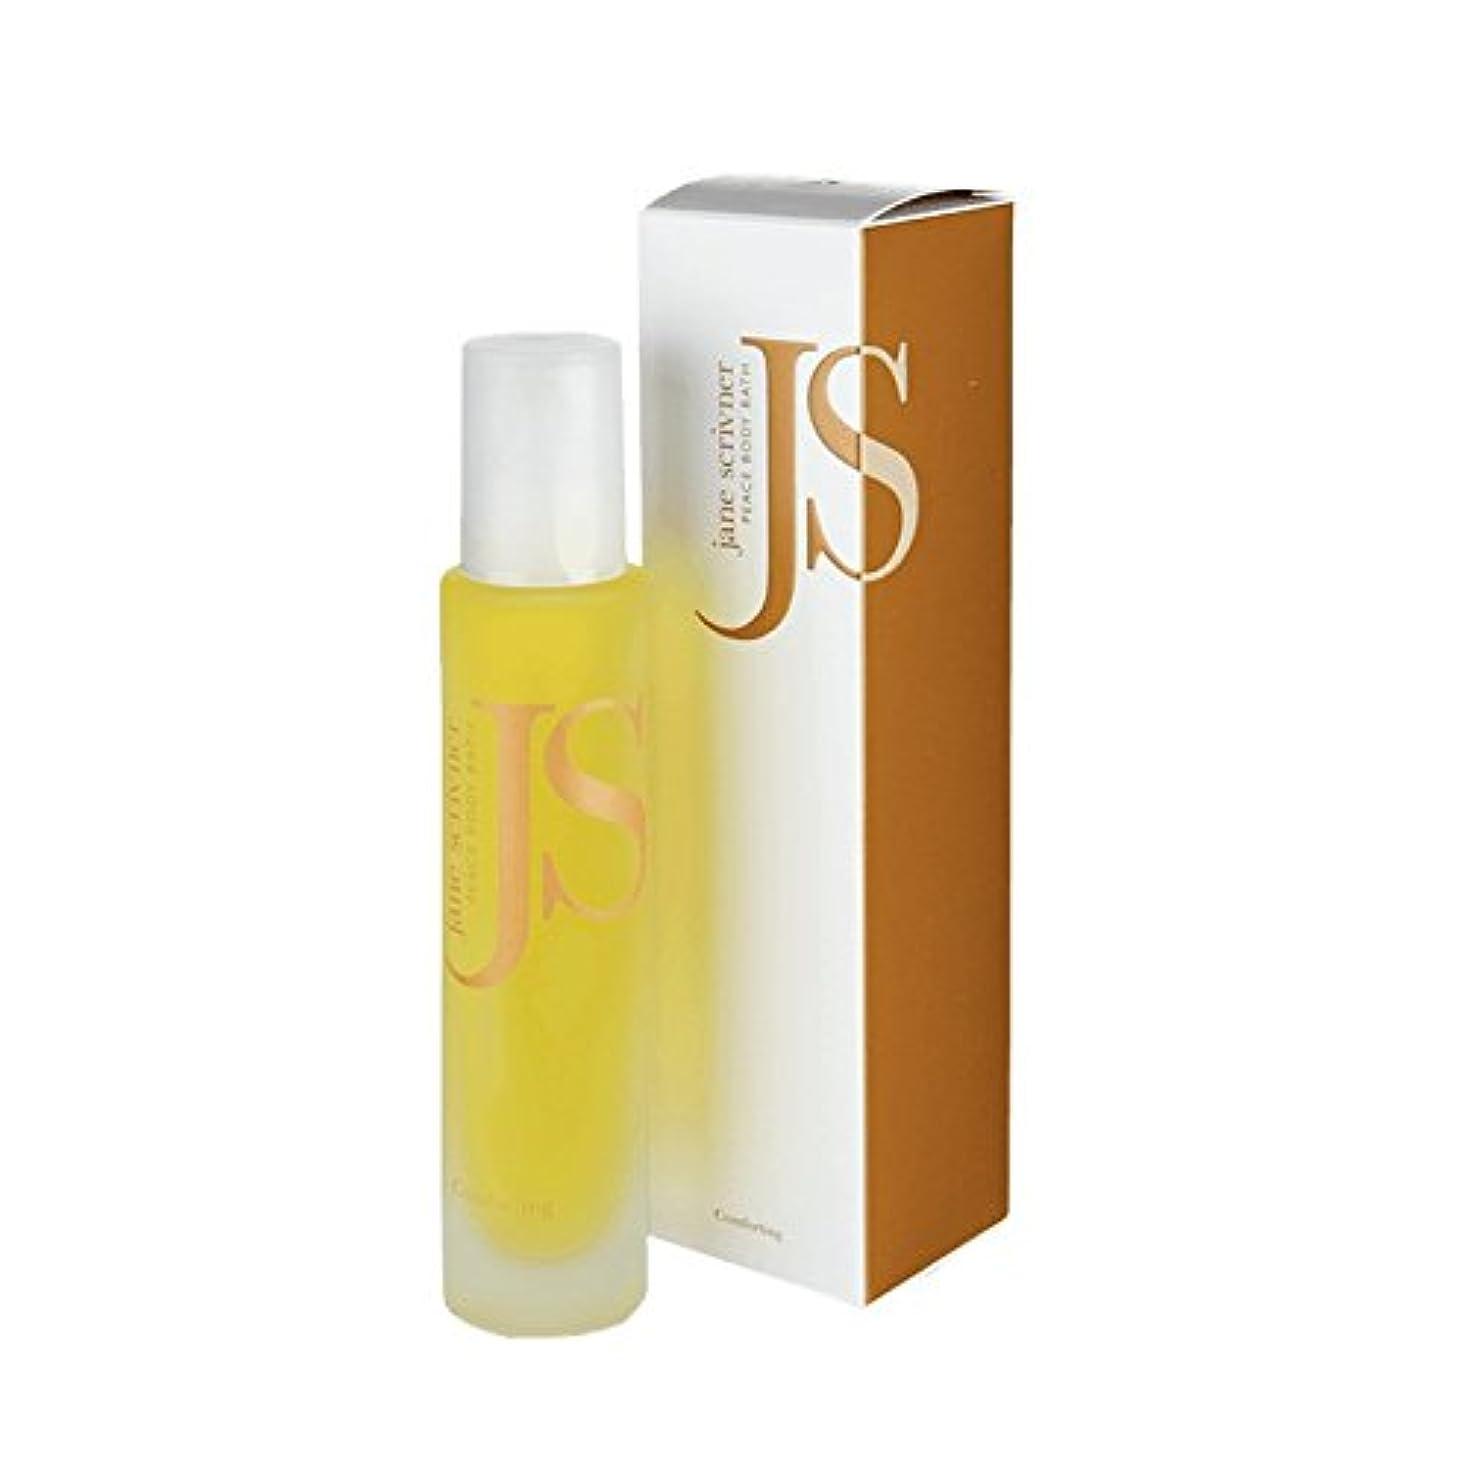 部既にゲインセイジェーンScrivnerボディバスオイル平和100ミリリットル - Jane Scrivner Body Bath Oil Peace 100ml (Jane Scrivner) [並行輸入品]